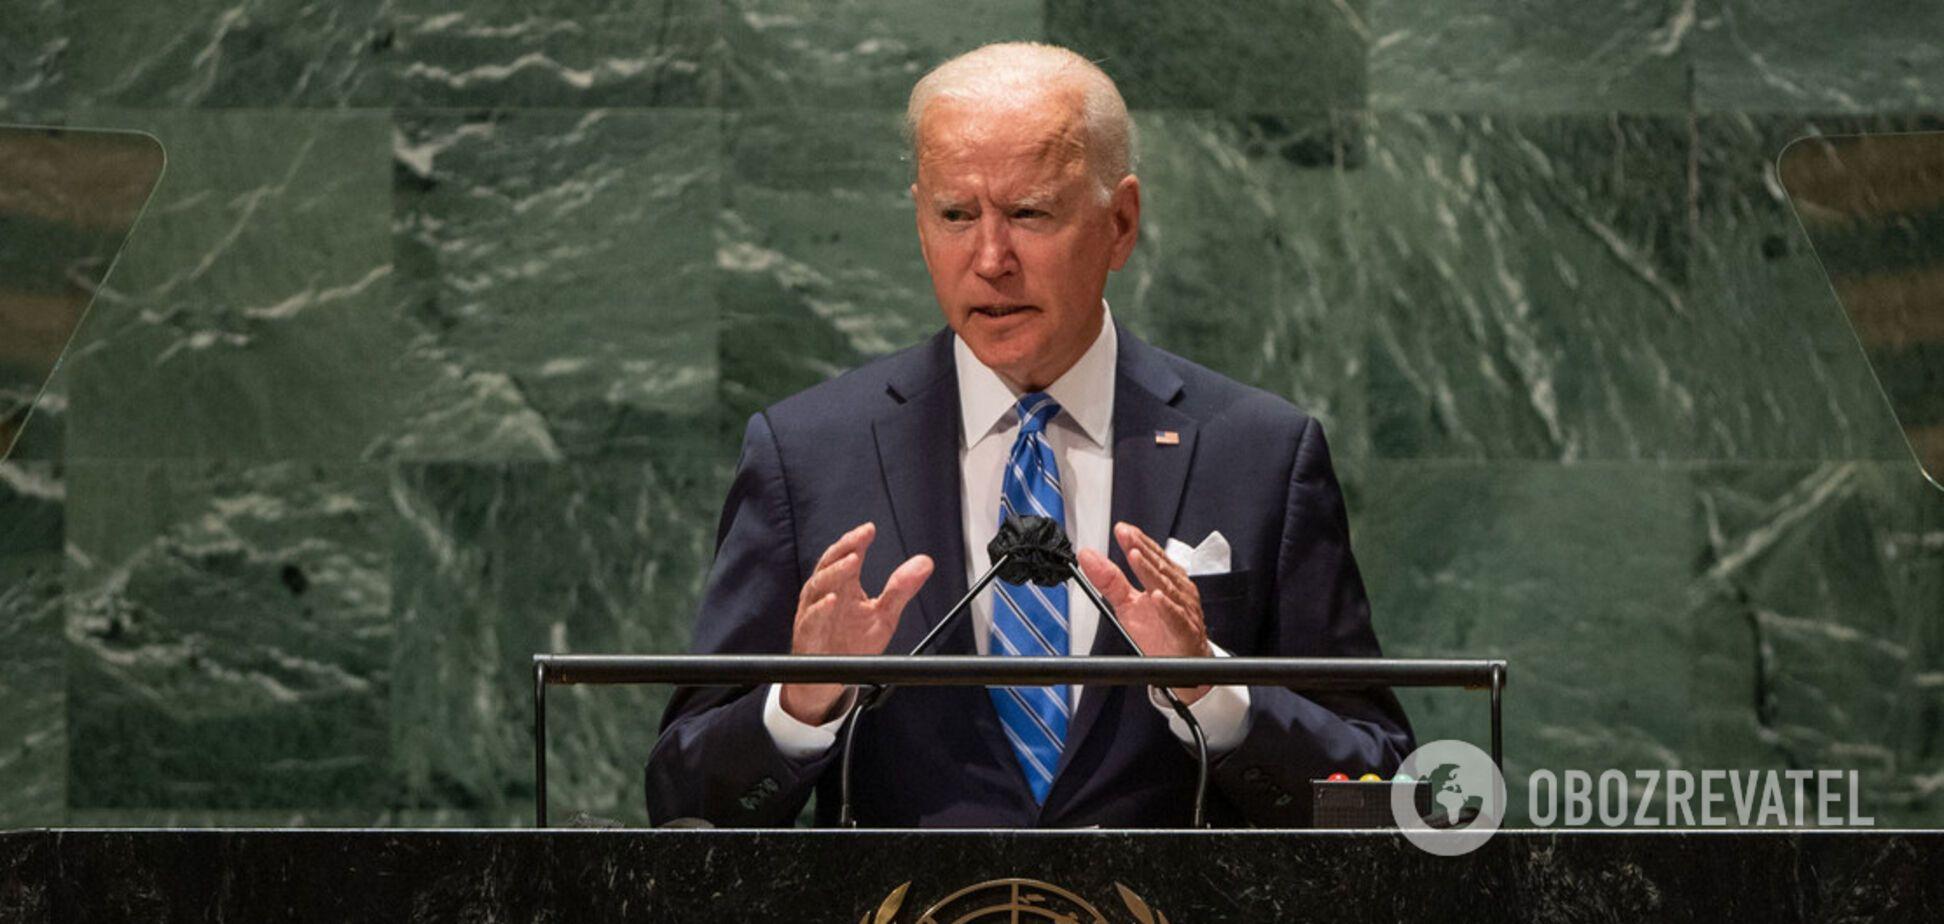 Нова дипломатія США, боротьба з COVID-19 і захист слабких: головне з виступу Байдена на Генасамблеї ООН